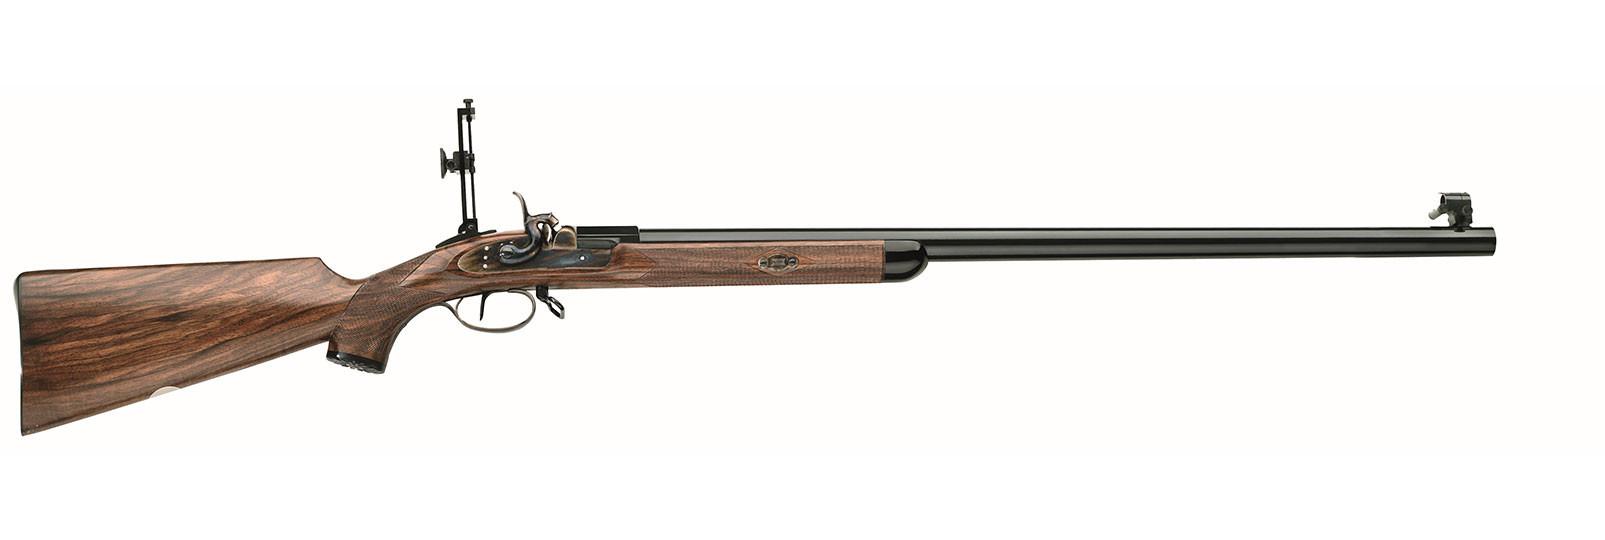 Gibbs Short Range Rifle